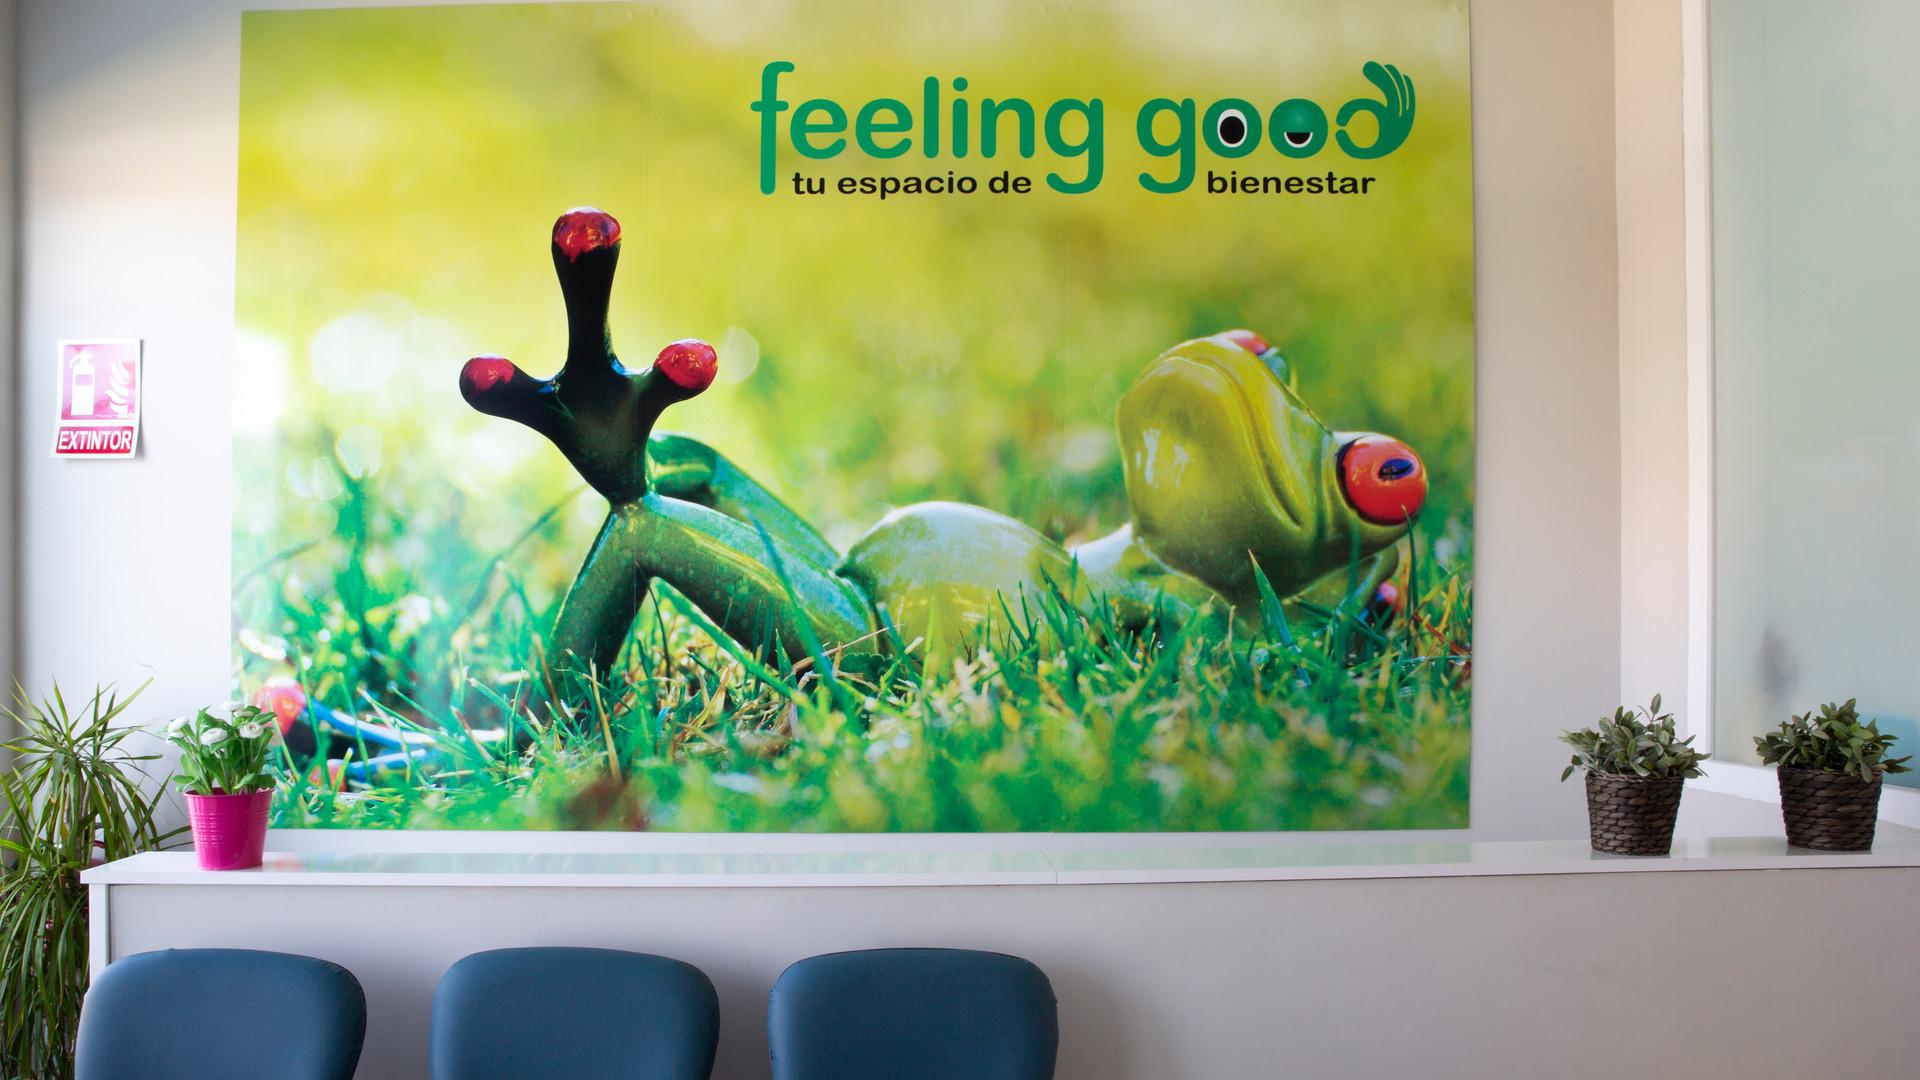 Sala de espera del Centro Feeling Good